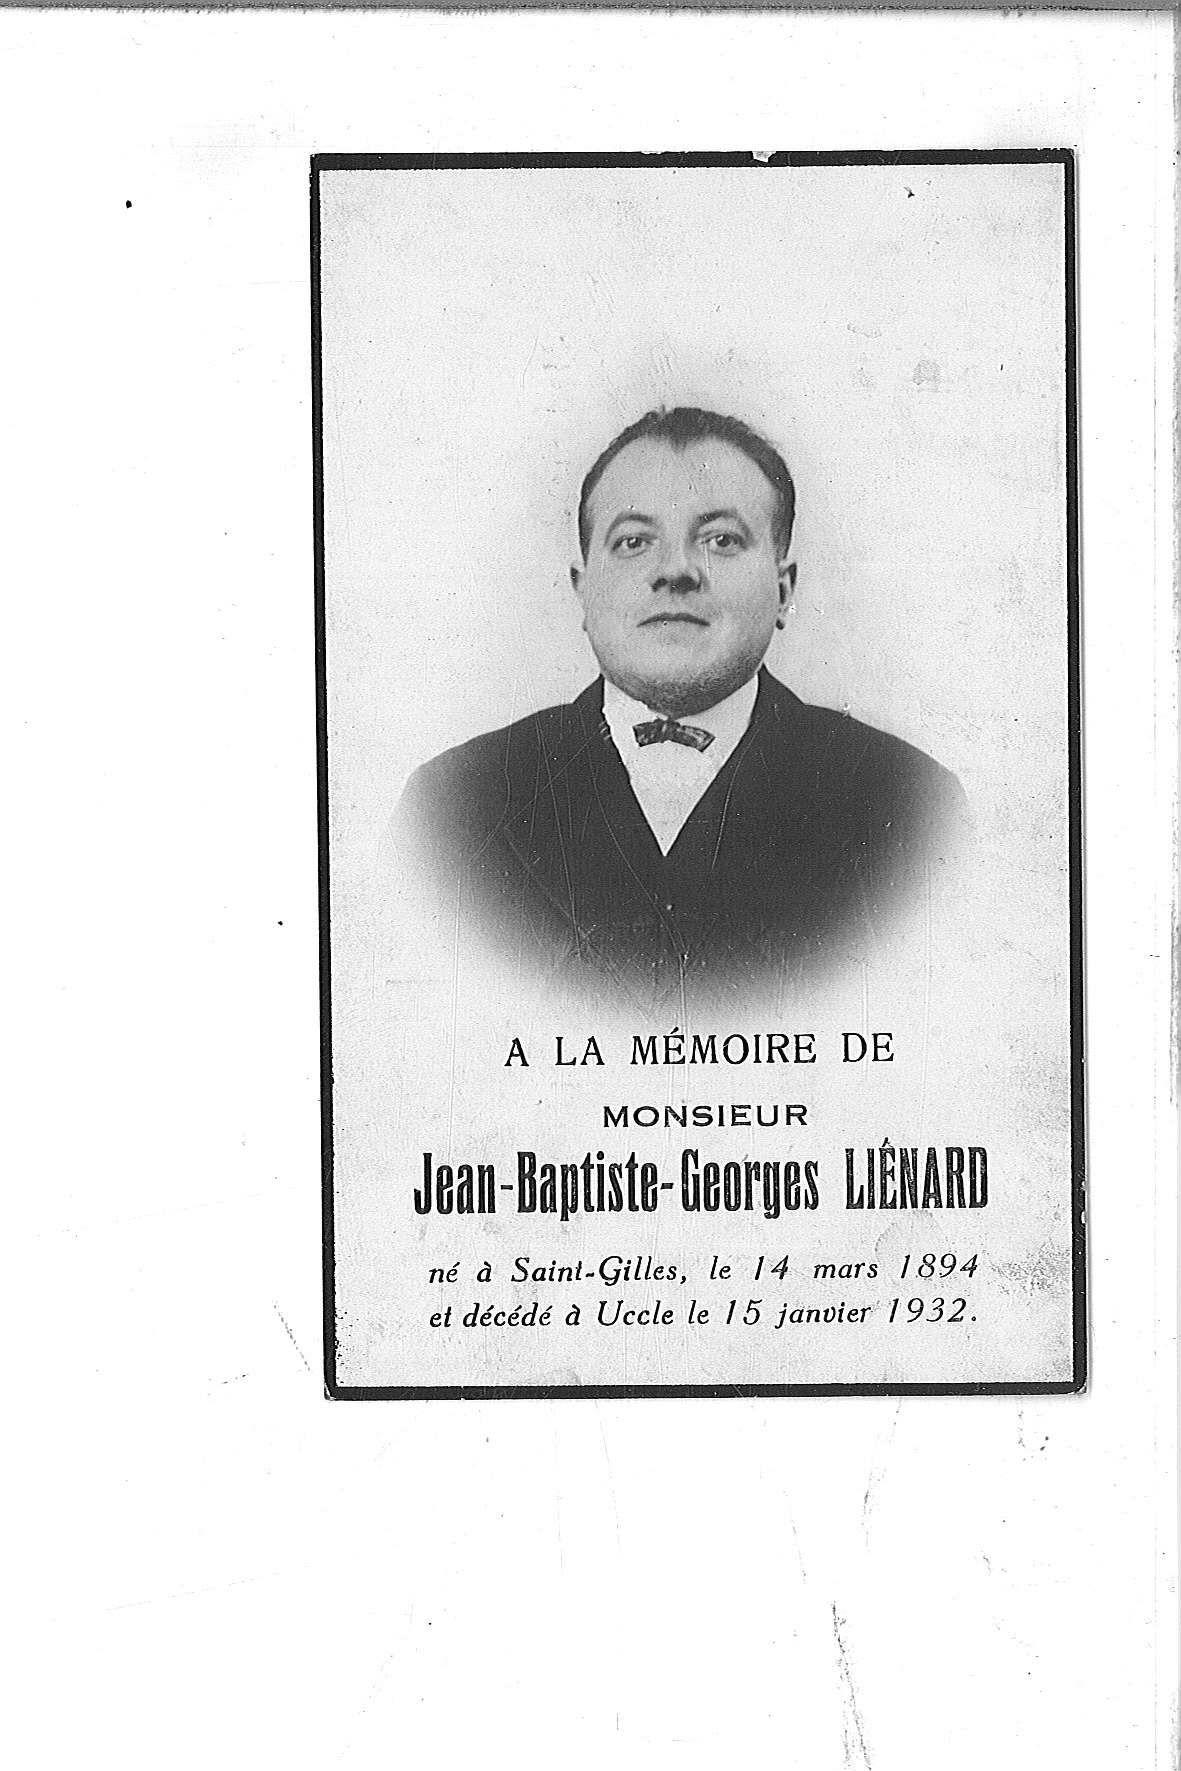 Jean Baptiste Georges(1932)20130718164819_00055.jpg